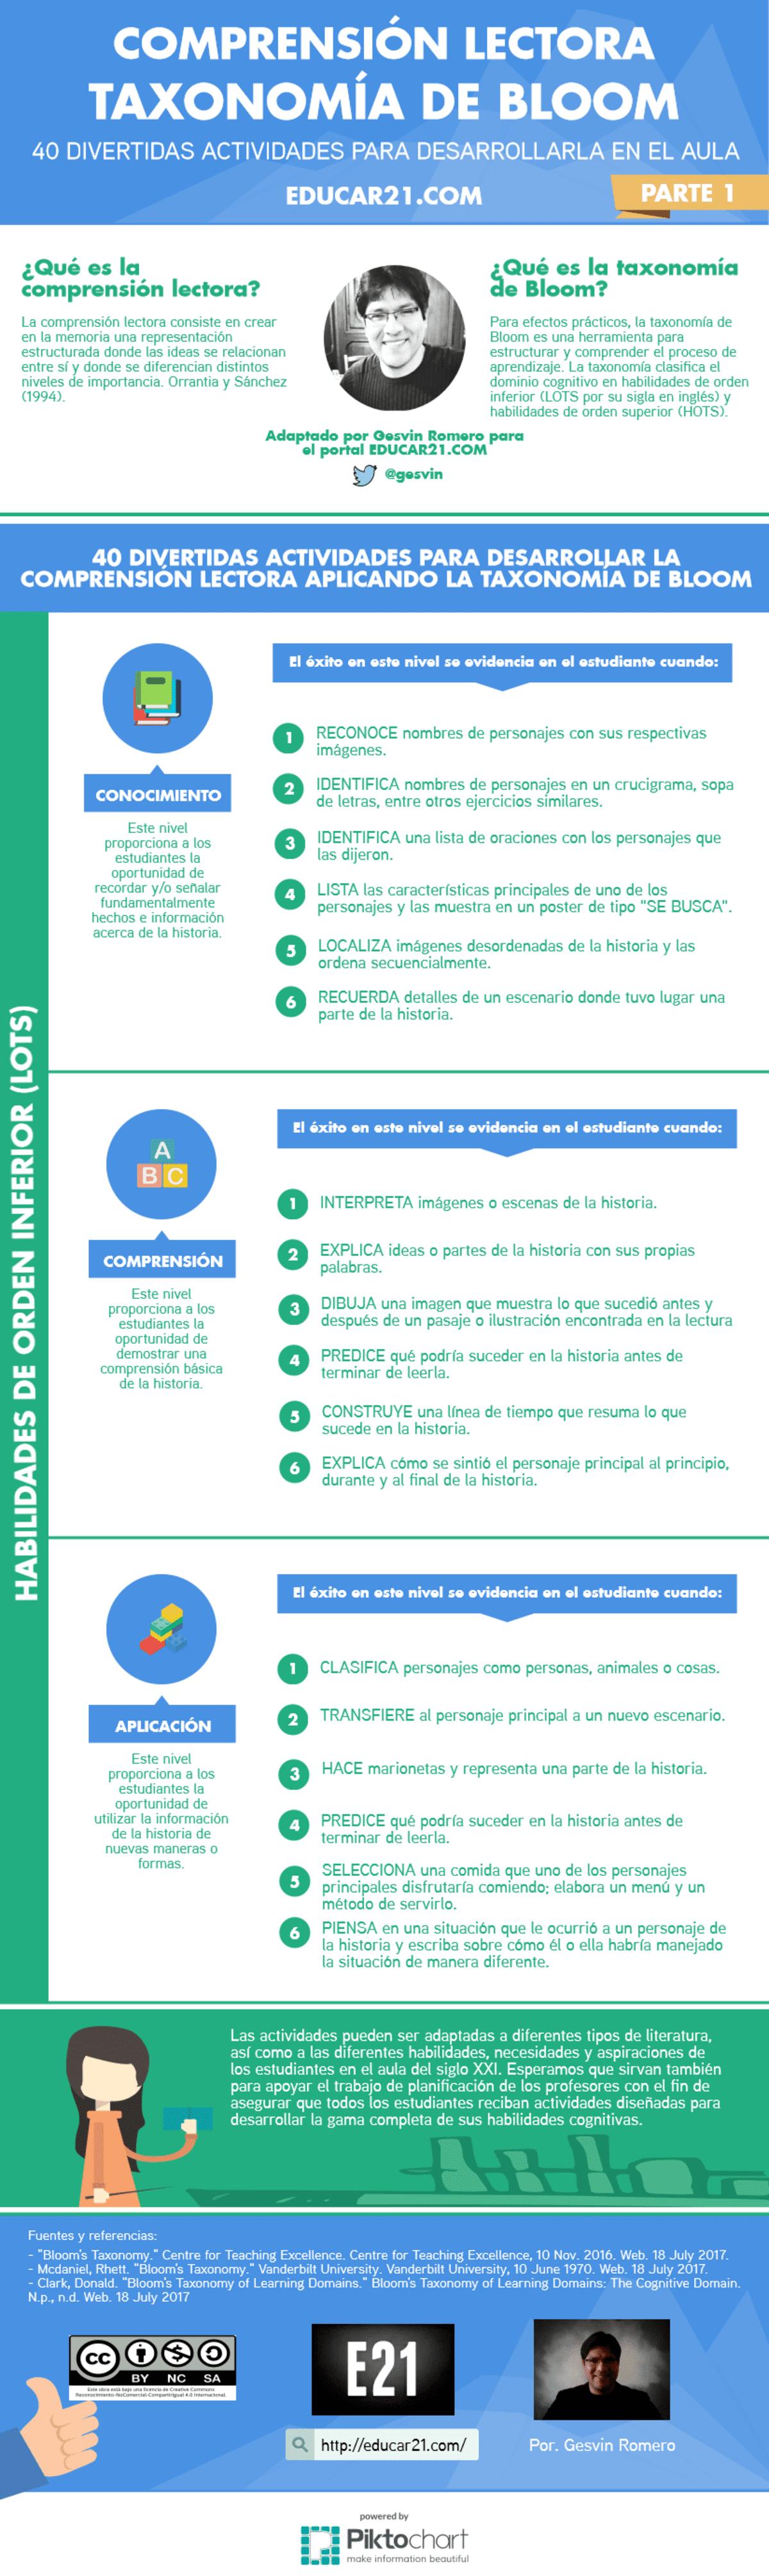 Taxonomía de Bloom y Comprensión Lectora – 40 Divertidas Actividades para Desarrollarla con Efectividad - Parte 1